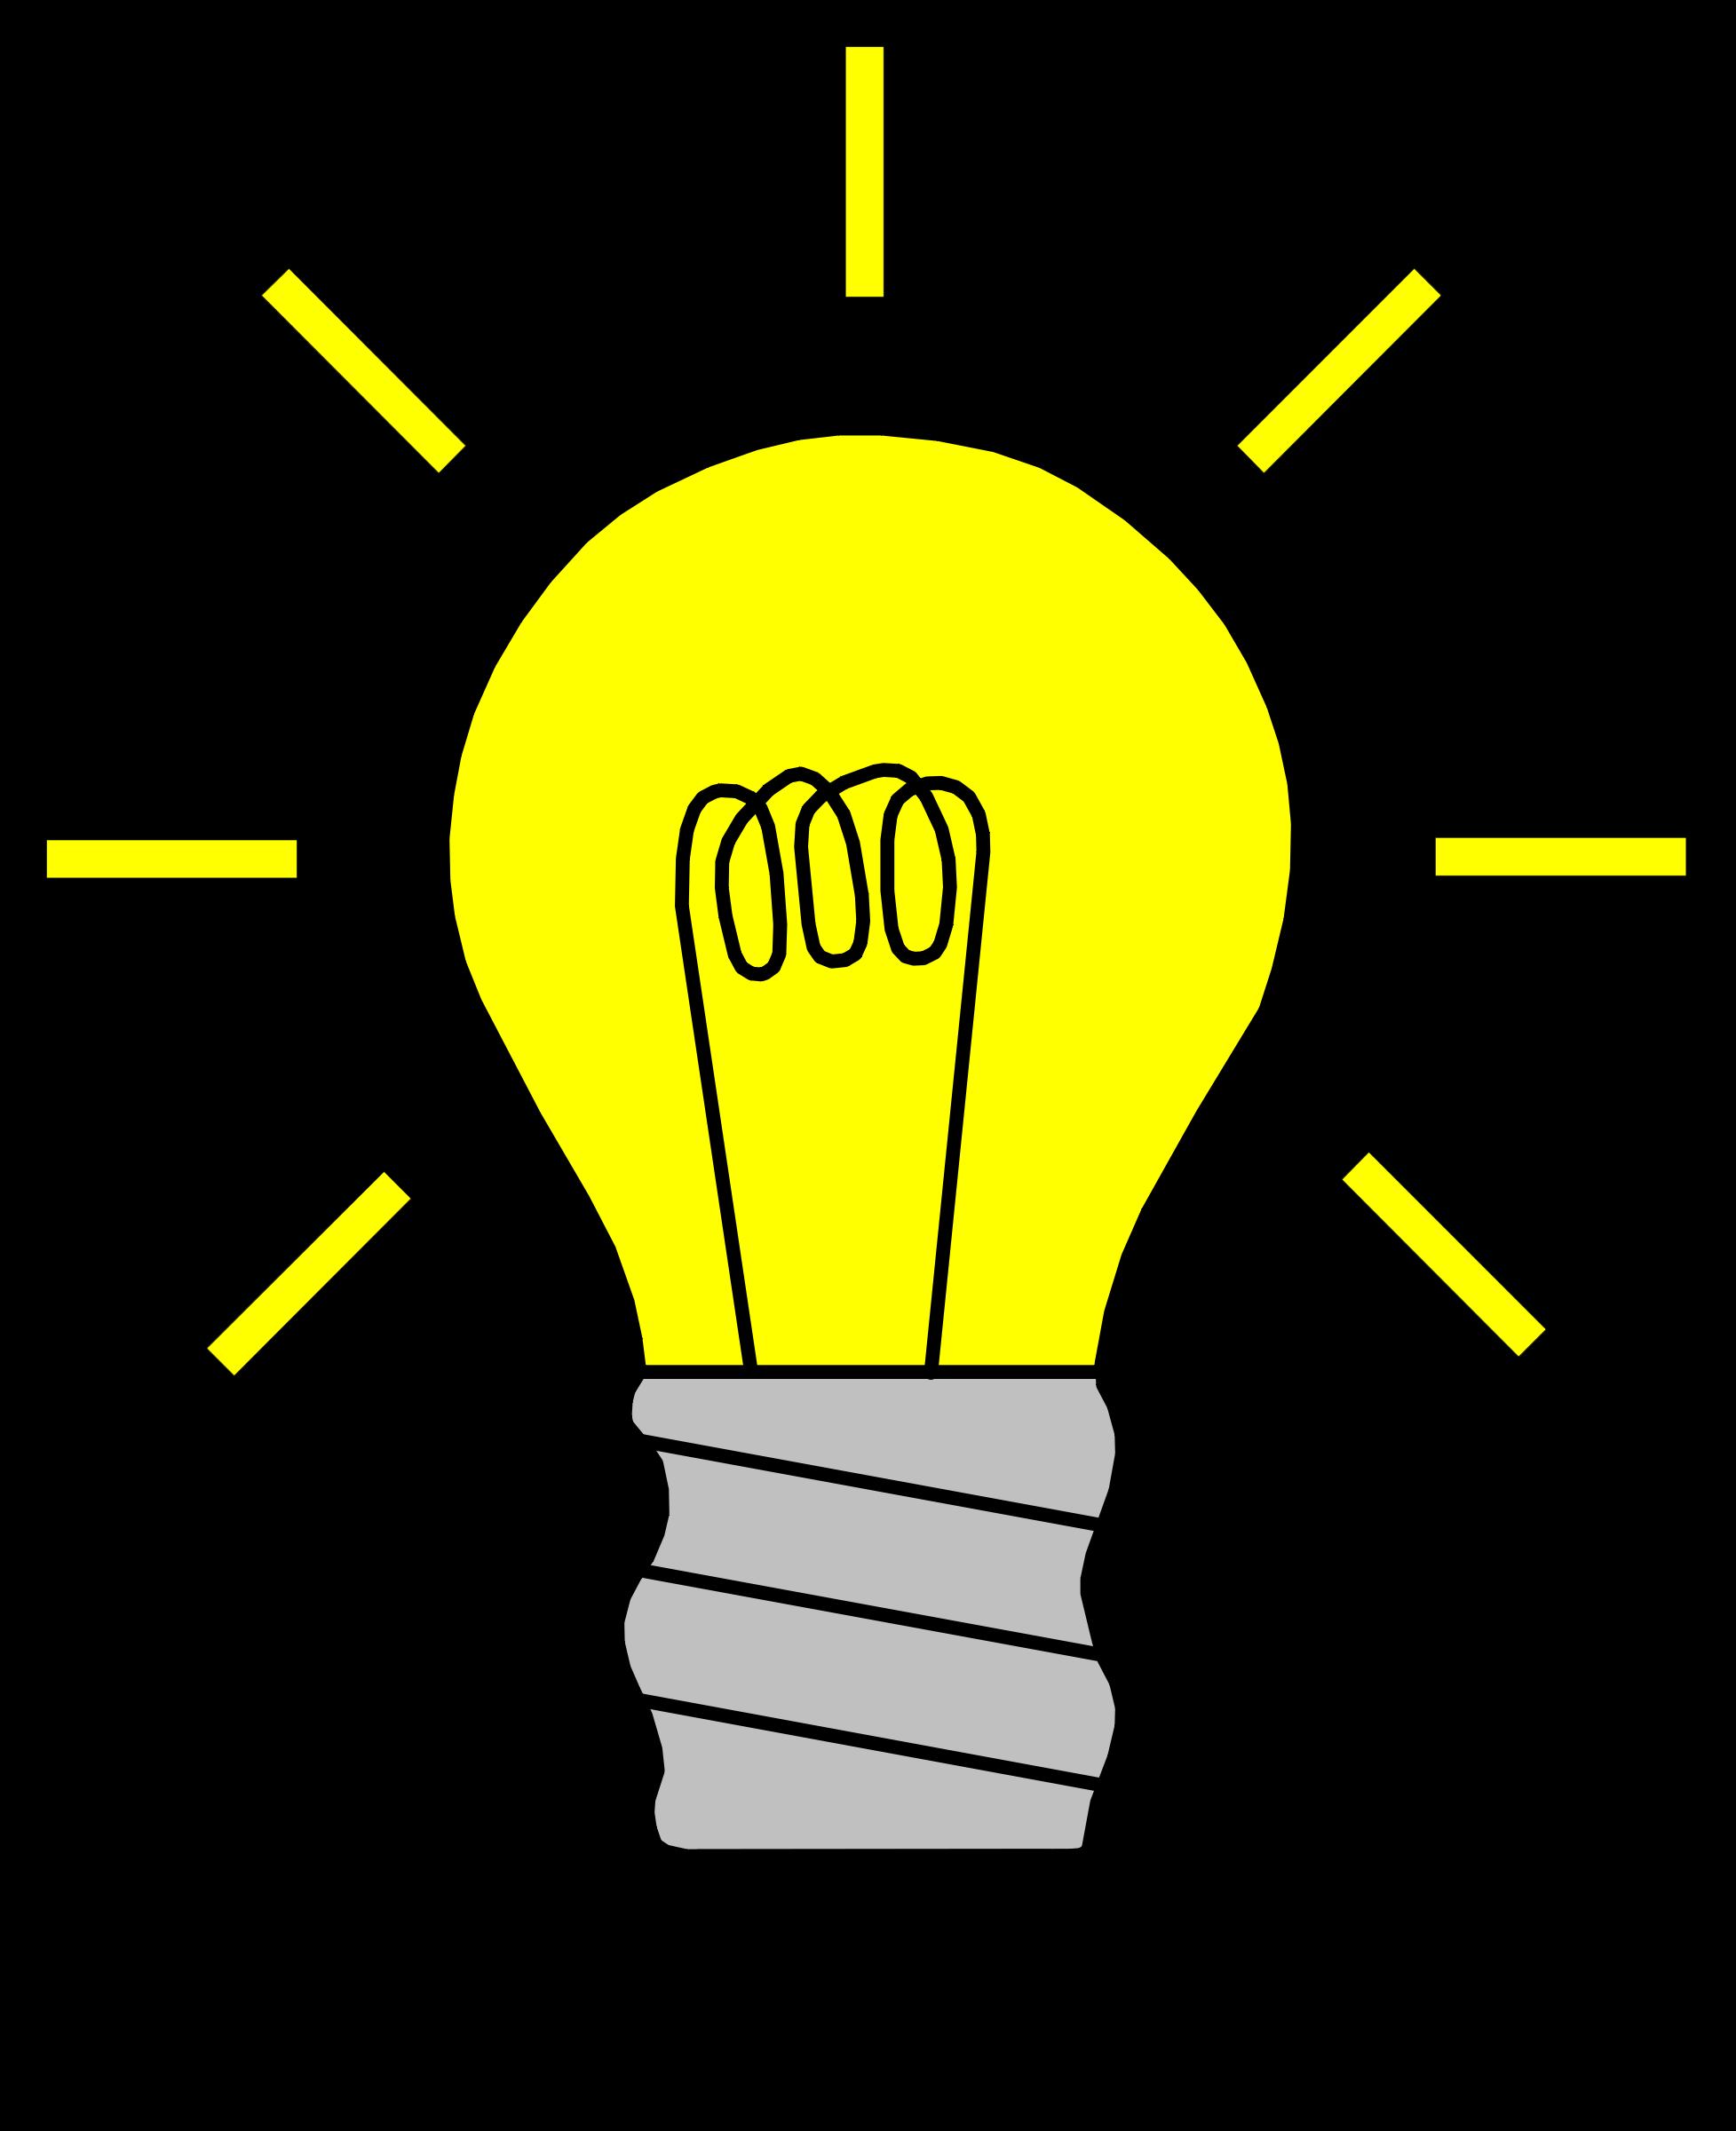 Lightbulb free light.